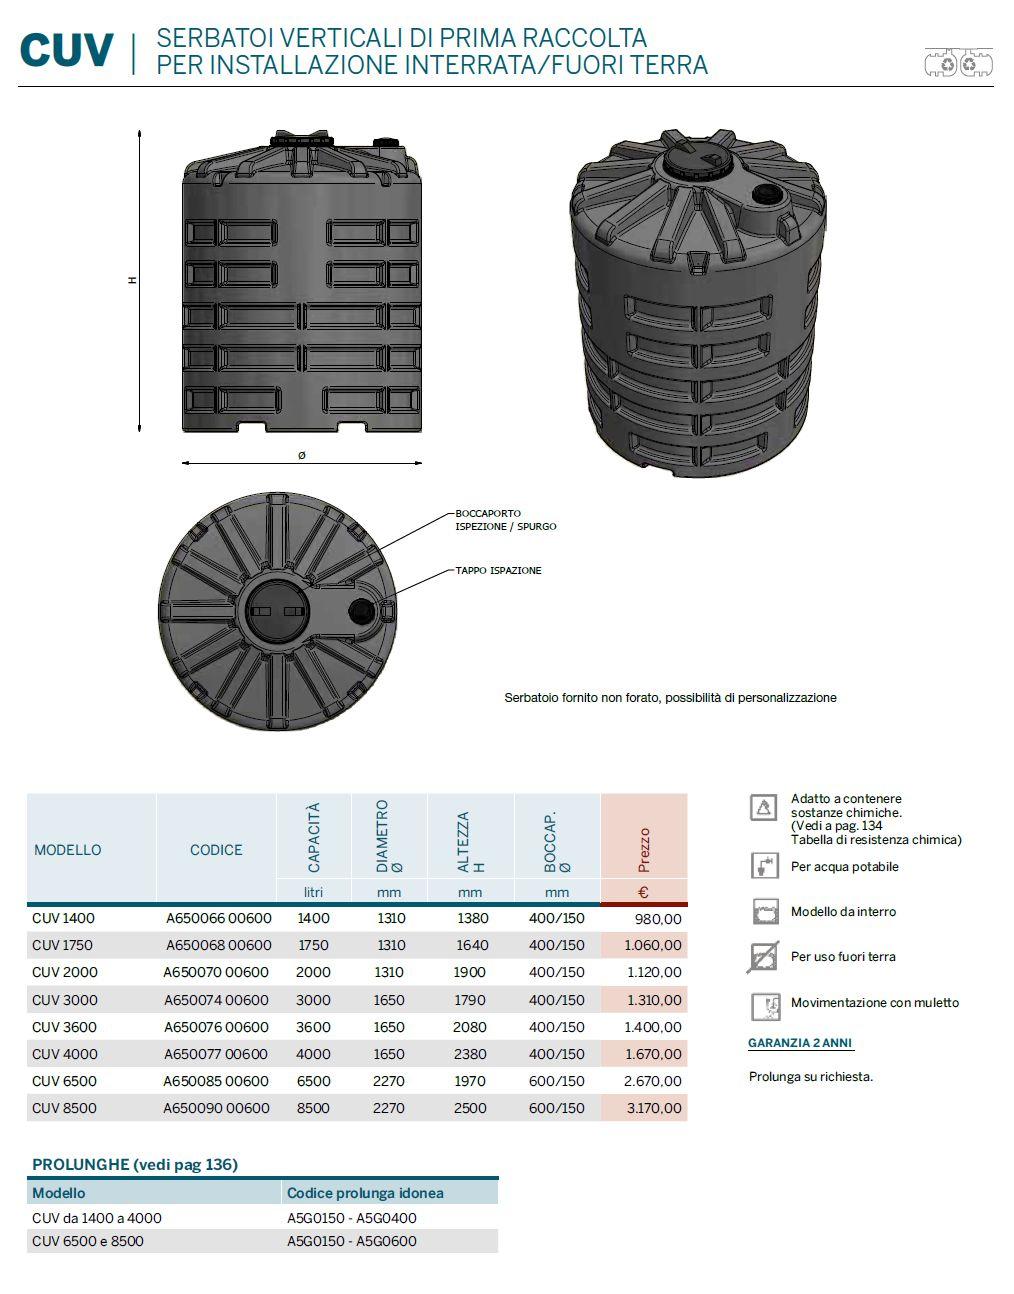 SERBATOI CUV - LISTINO 2104 - LAMPLAST - FERMO - MARCHE